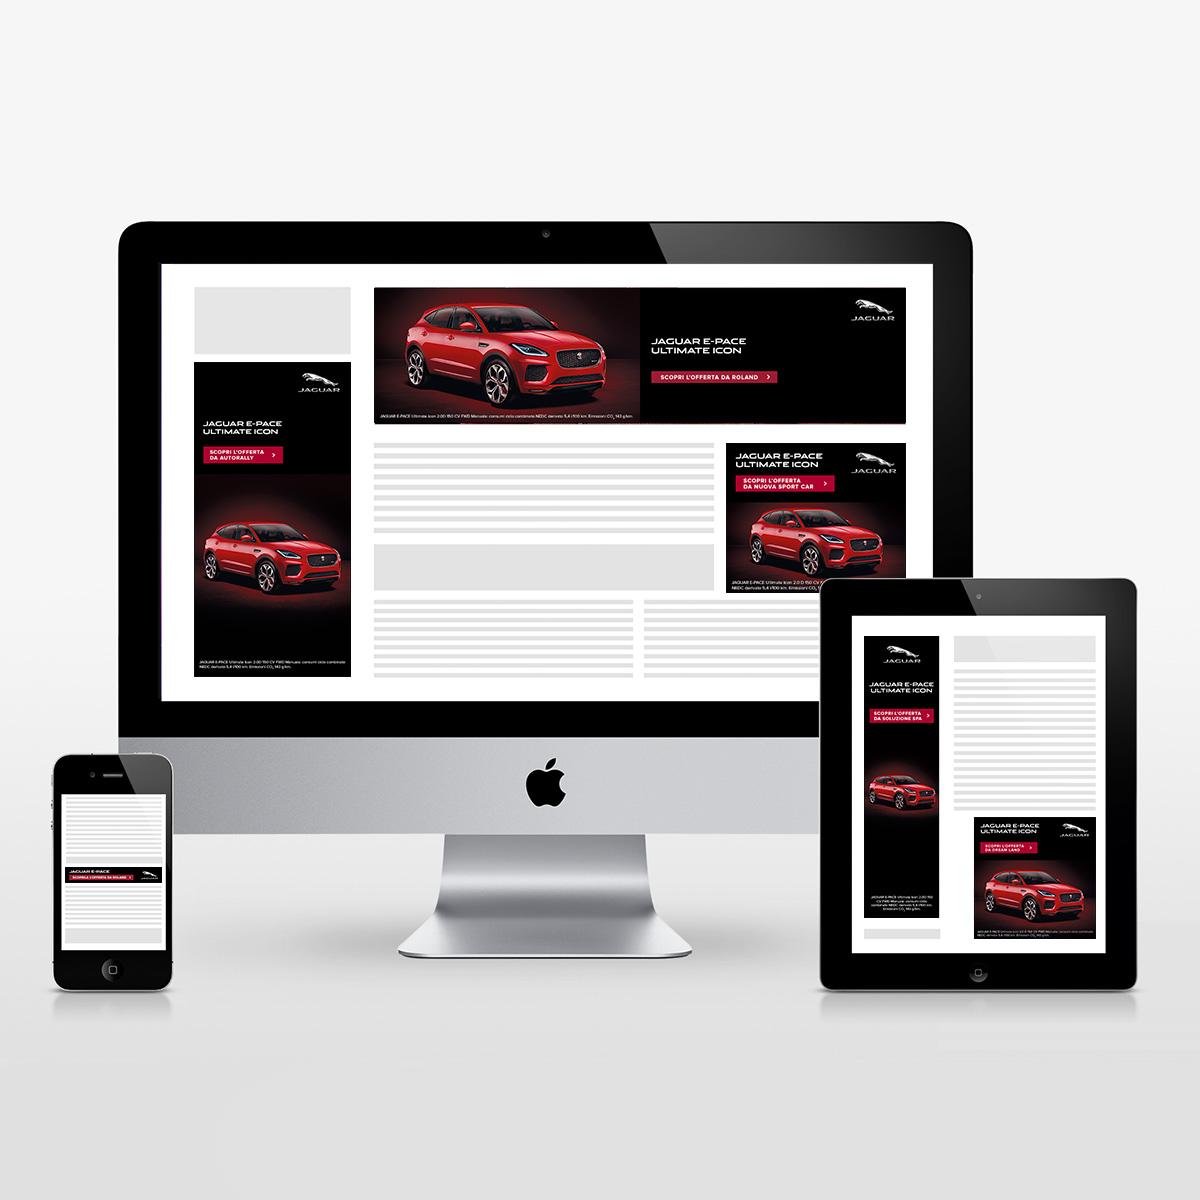 Schermo desktop, tablet e mobile con banner in varie dimensioni della Campagna Advertising Online Rete Display della Jaguar E-PACE Ultimate Icon - adattata per i dealer in Italia